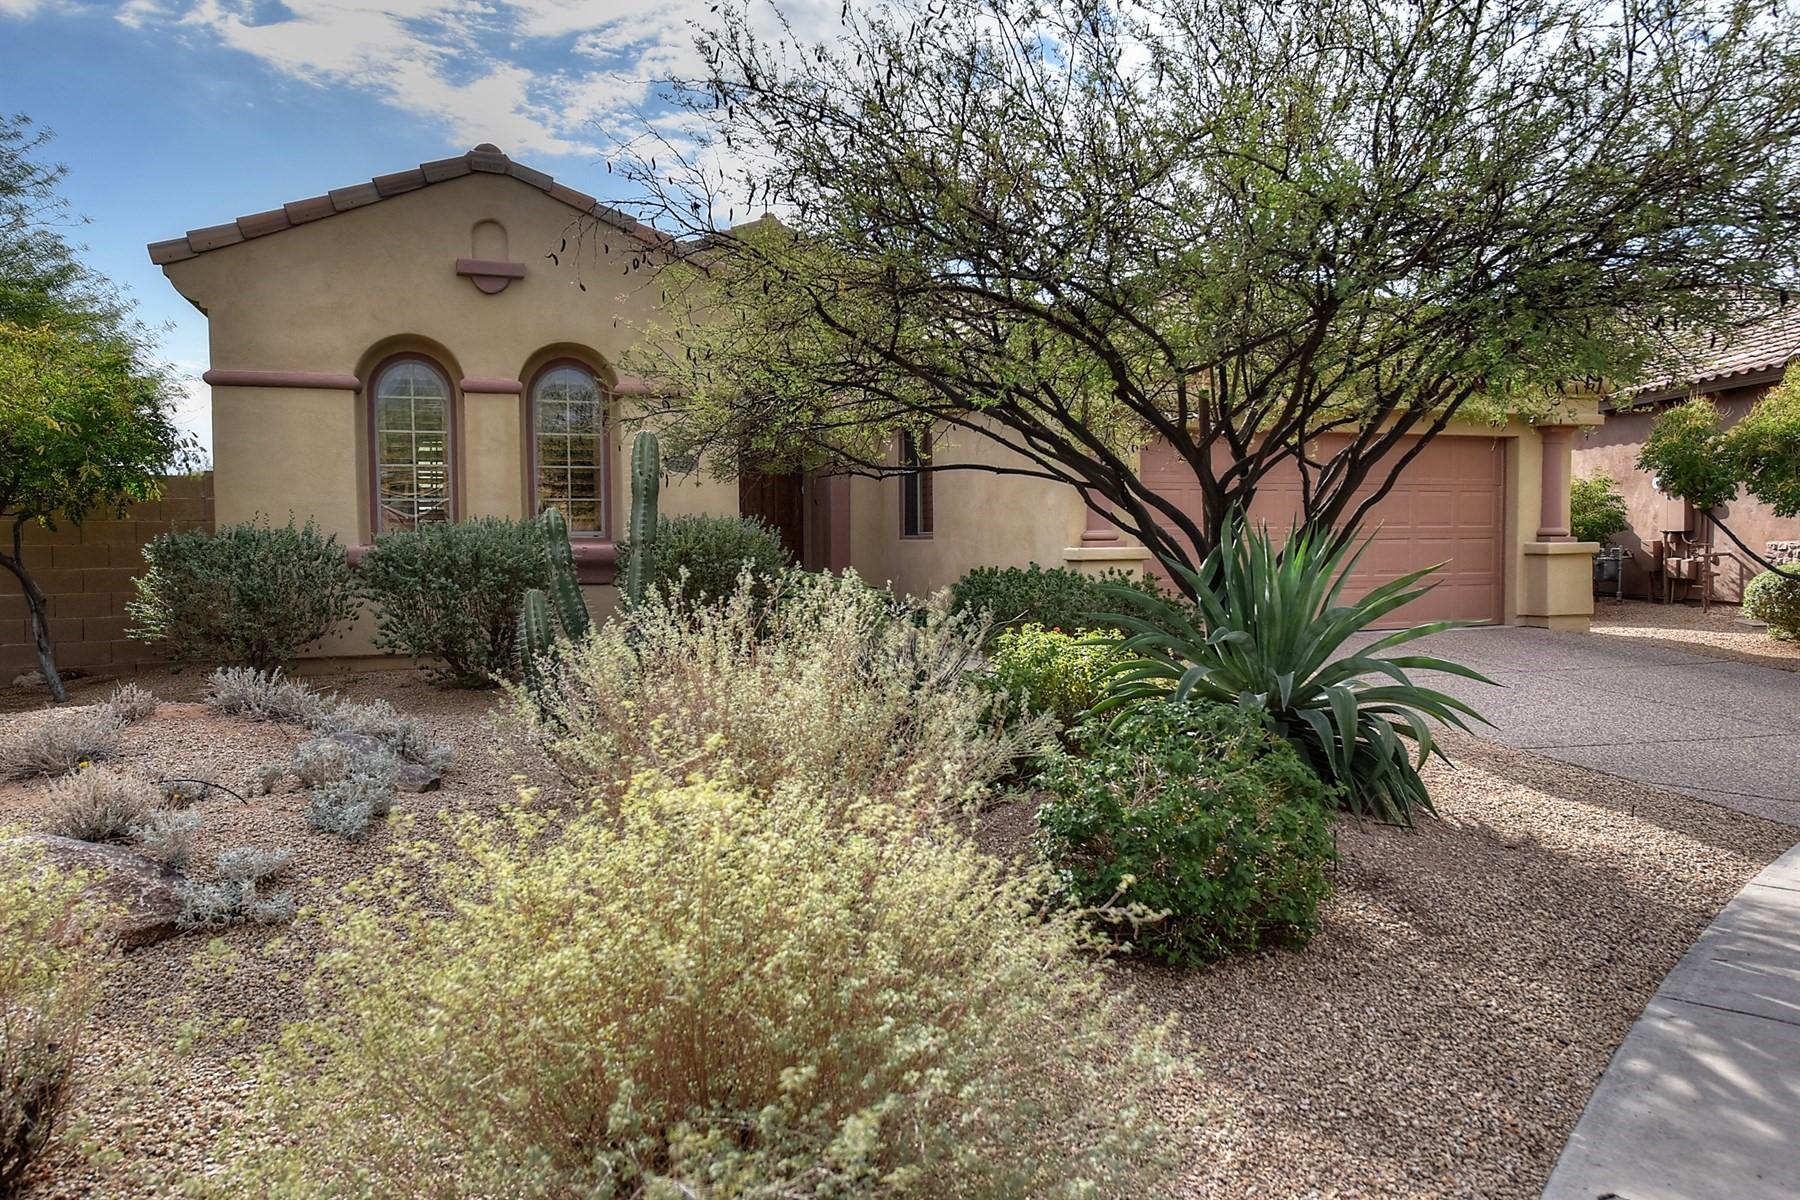 独户住宅 为 销售 在 Perfect home on one of the largest lots in Aviano 22221 N Freemont Rd 菲尼克斯(凤凰城), 亚利桑那州, 85050 美国